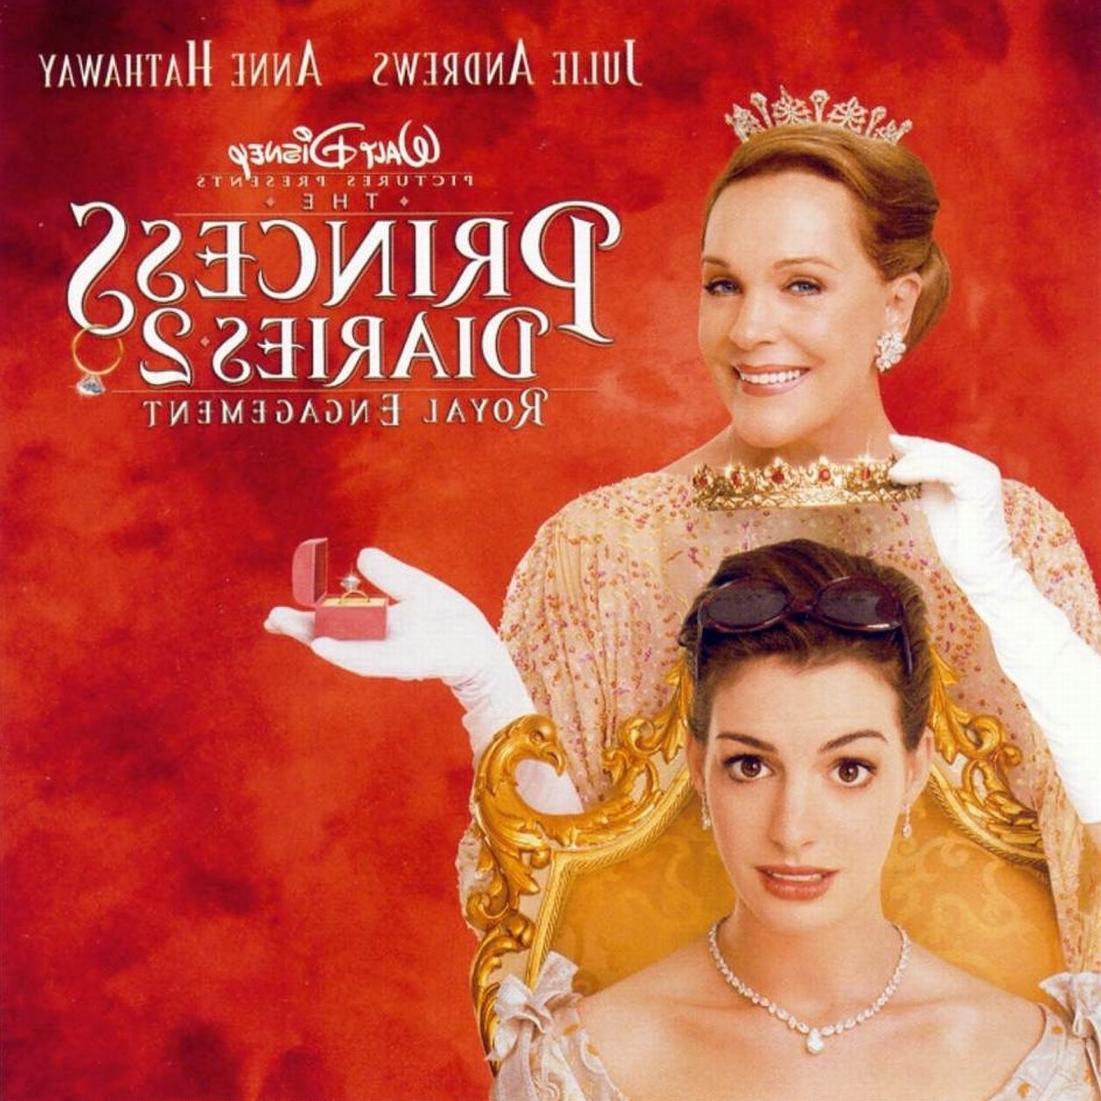 Princess diaries ebook free download